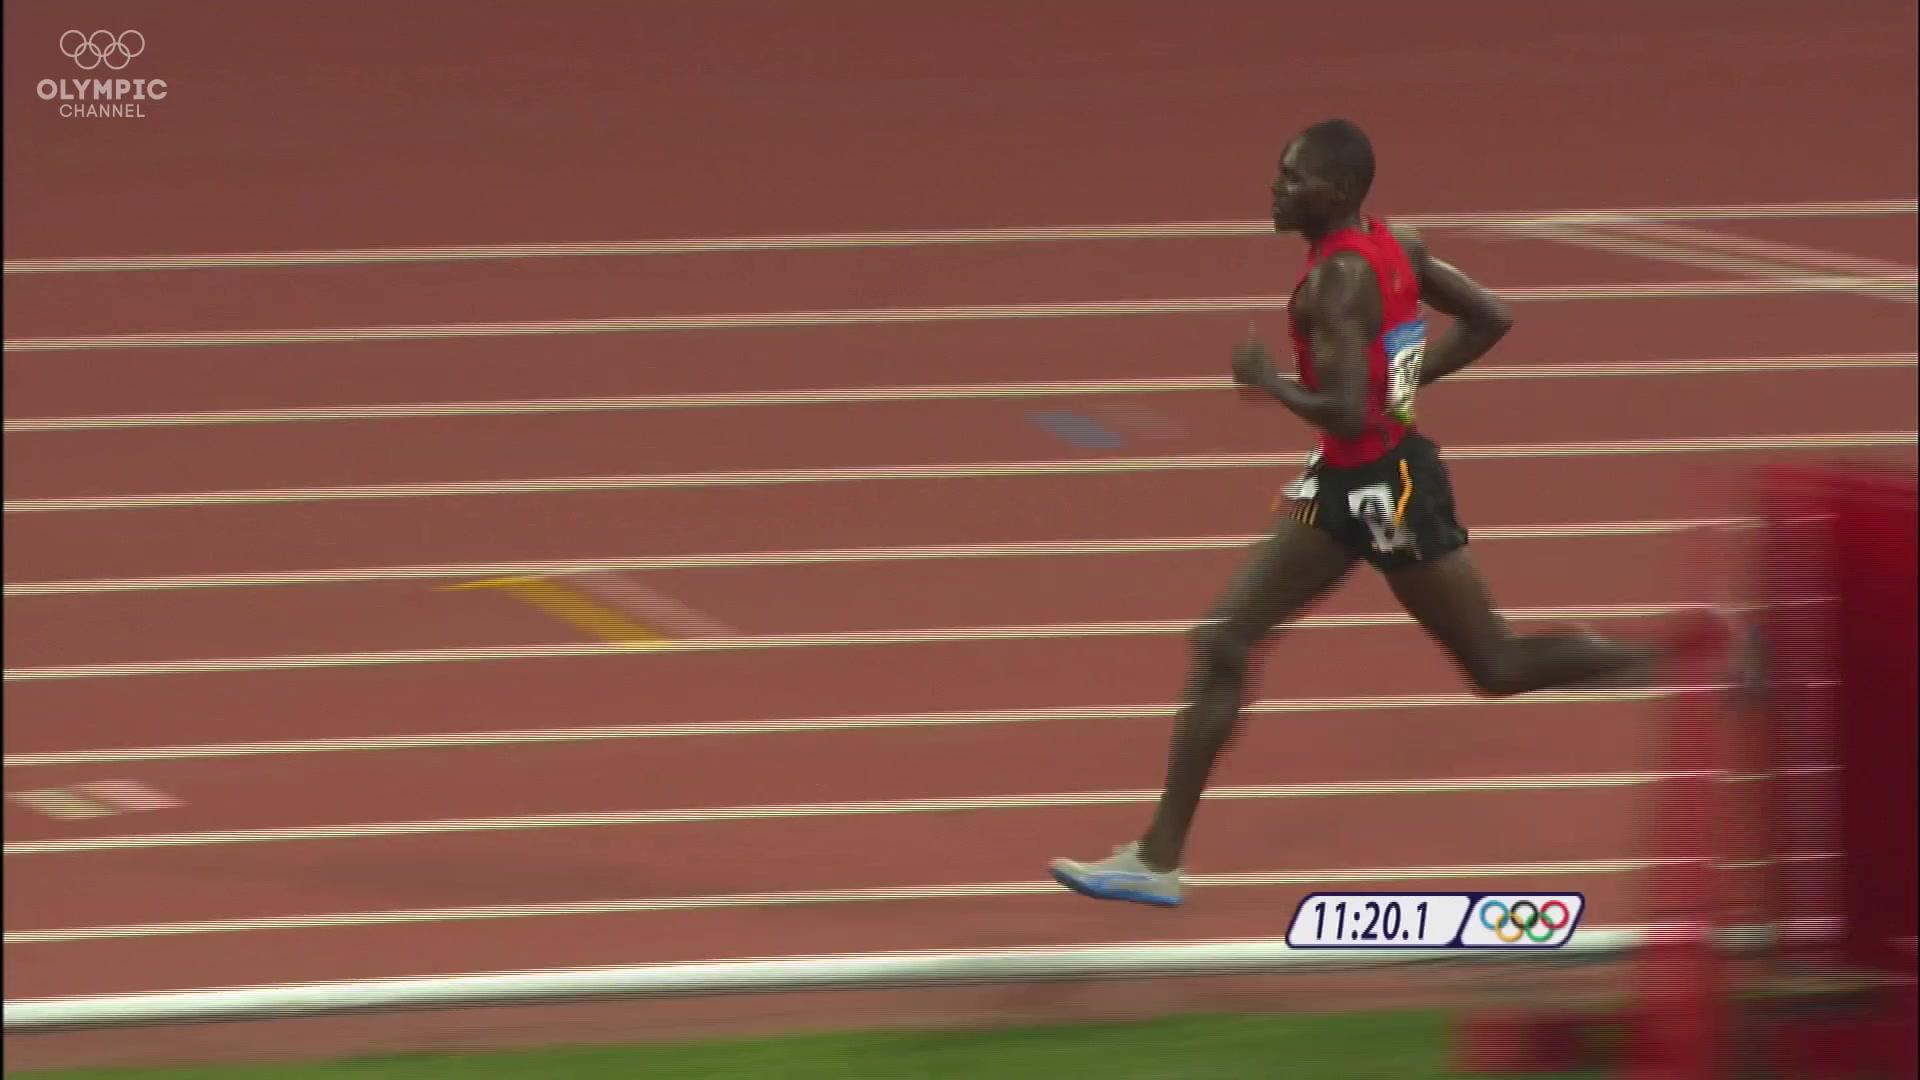 贝克勒vs基普乔格,北京奥运会男子5000米最后高清冲刺画面,神之对决